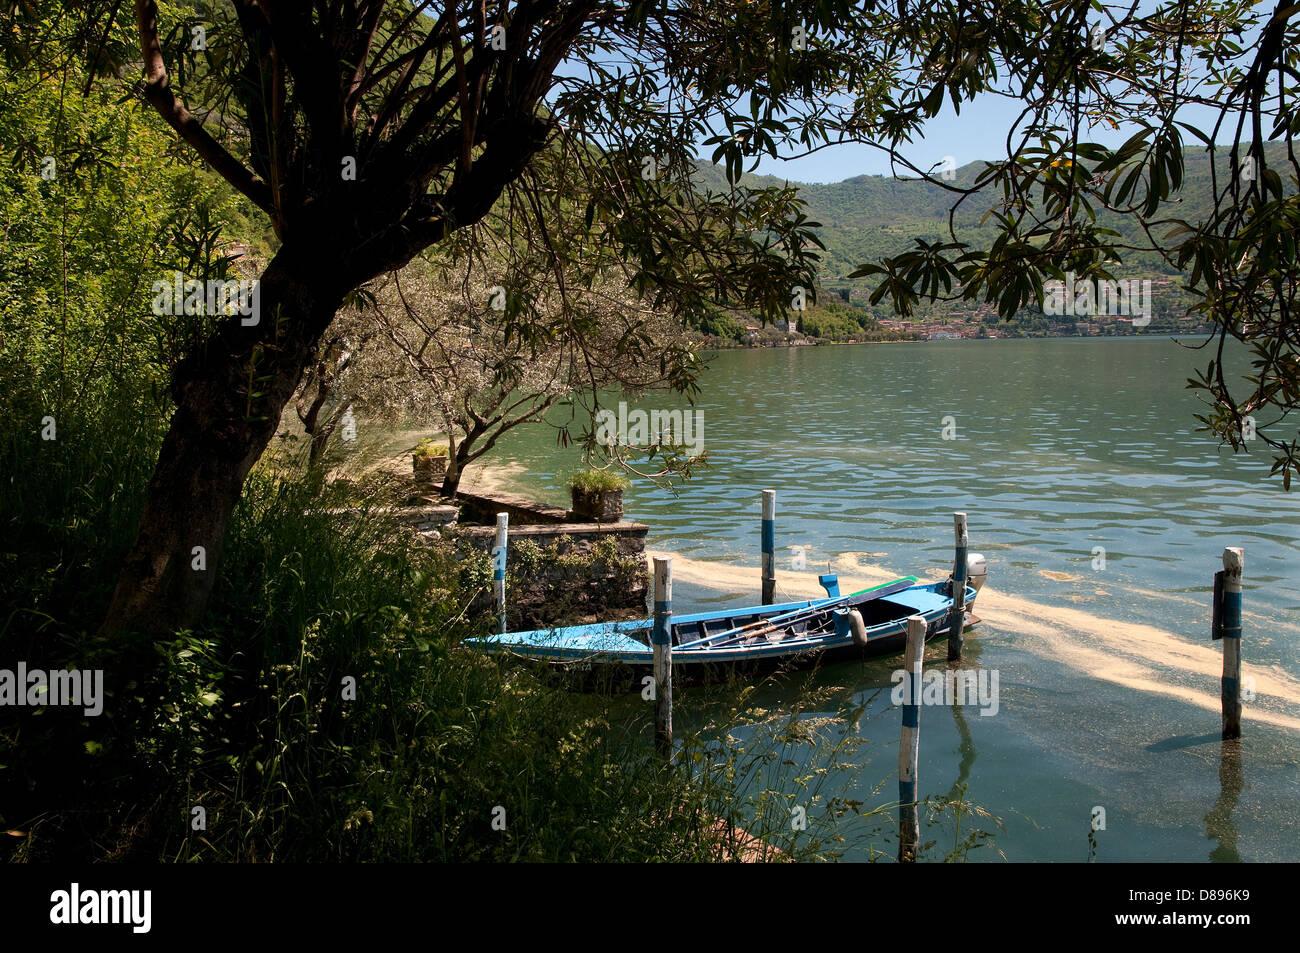 sensole, monte isola, lake iseo, lombardy, italy - Stock Image